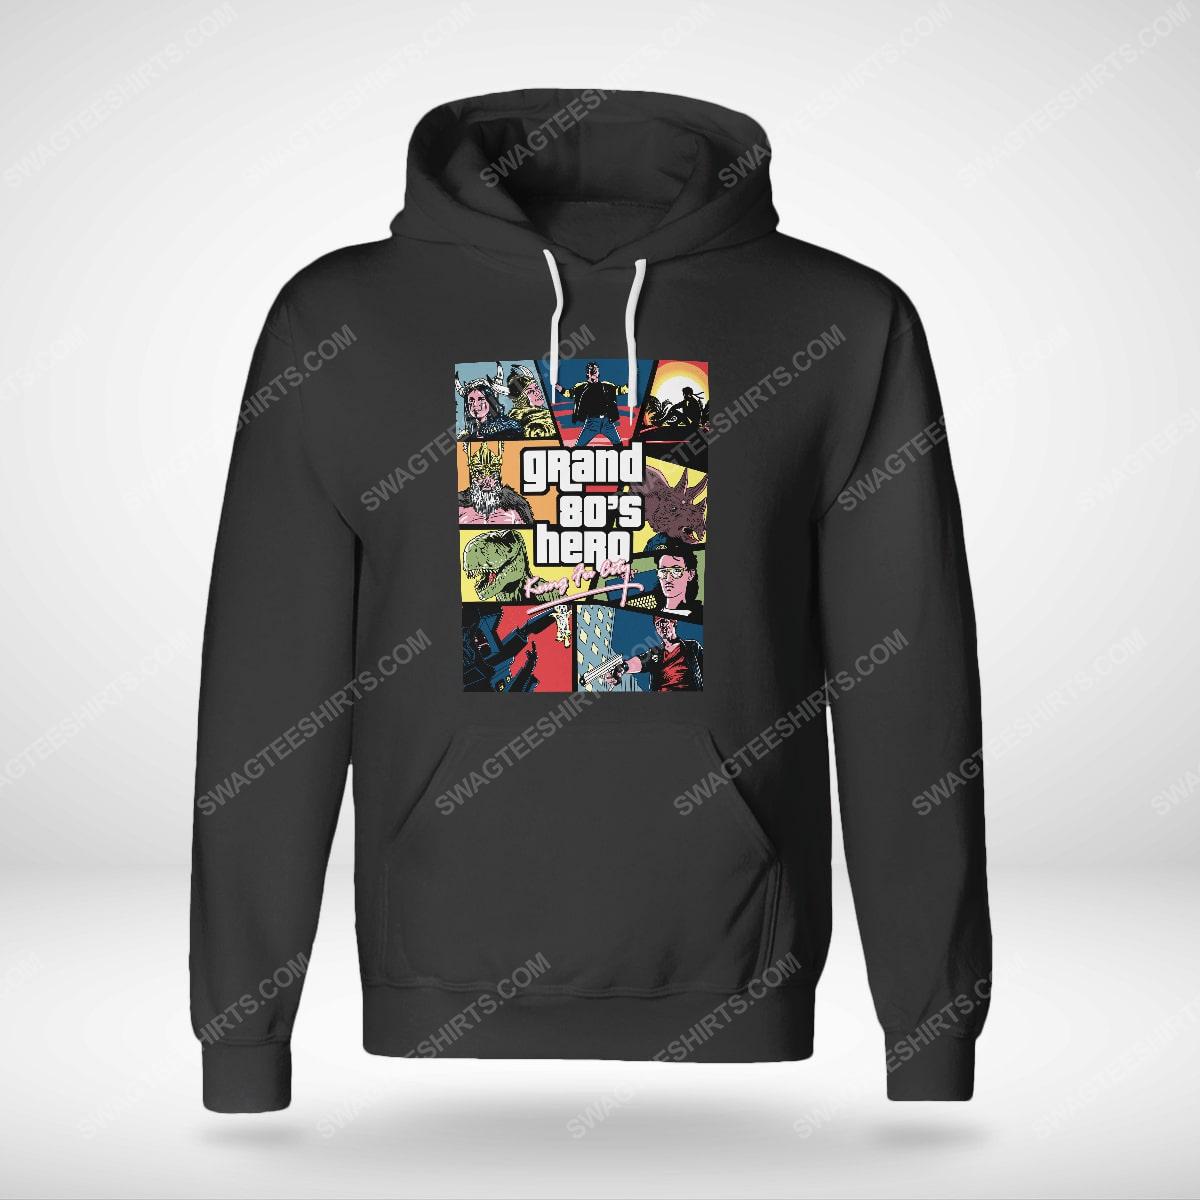 Grand 80's hero kung fu city hoodie(1)